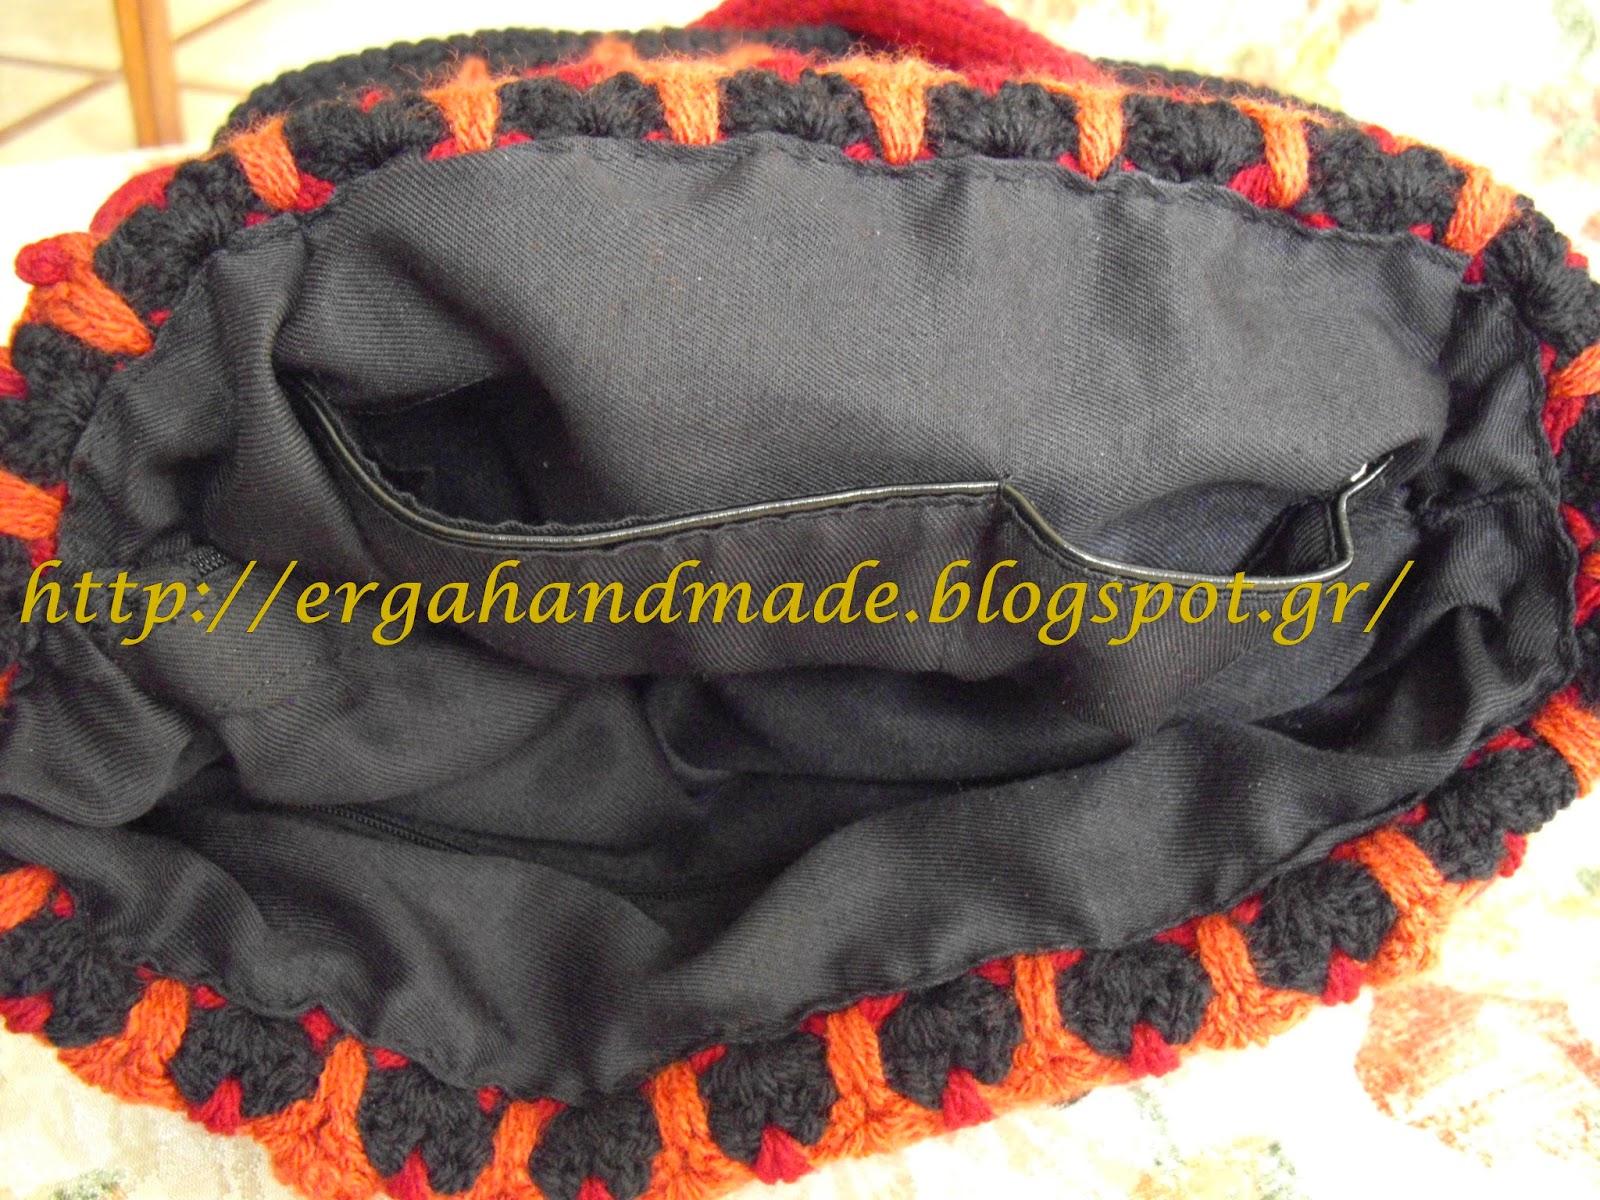 38cd47225df η φόδρα στο εσωτερικό, η οποία διαθέτει, μία πλαϊνή τσέπη με φερμουάρ, μία  κεντρική θήκη πολύ μεγάλη, επίσης με φερμουάρ και άλλη μία πλαϊνή με δύο  τσέπες.